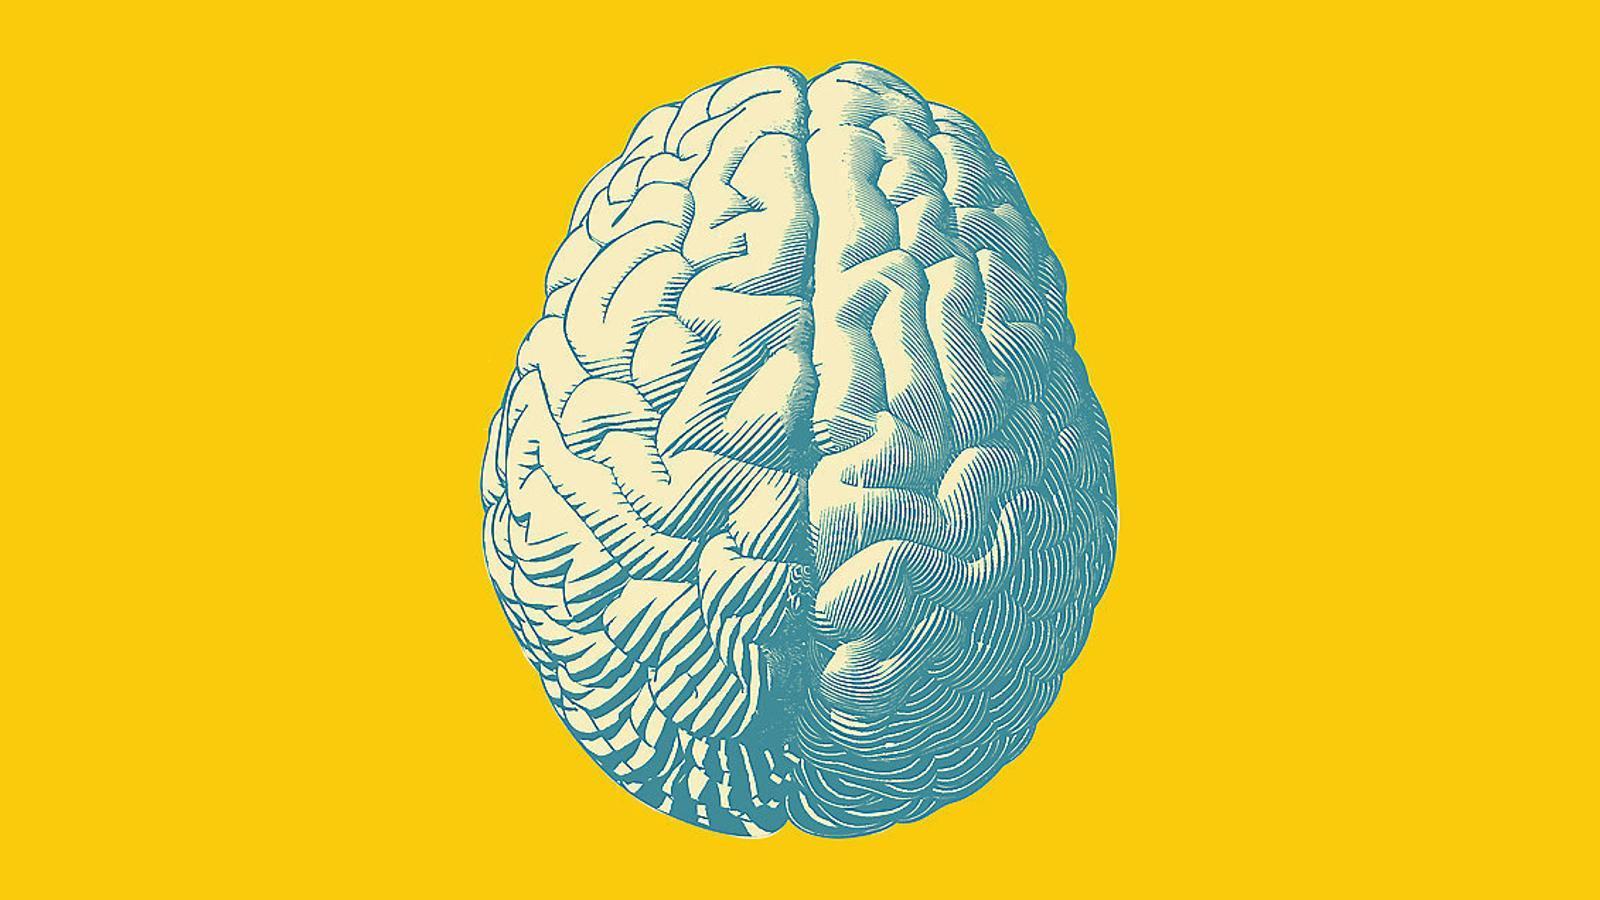 Misteri 3  Com podem tenir una percepció unificada de la realitat? Misteri 1  Què és la consciència? Misteri 4  Per què podem ser conscients  de la nostra consciència? 10 coses  Que encara no sabem  del cervell Misteri 2  ¿Com es decideix quines experiències  fem conscients i quines queden preconscients? Misteri 5  Què fa el cervell quan descansem  o quan badem? Misteri 8¿Com afecten les modificacions epigenètiques el cervell dels nostres fills? Misteri 6  Per què no podem conèixer la realitat tal com és? Misteri 9¿Com computa el cervell totes les dades que gestiona? Misteri 7¿Fins a quin punt la genètica condiciona el nostre comportament? Misteri 10¿Existeix el lliure albir?